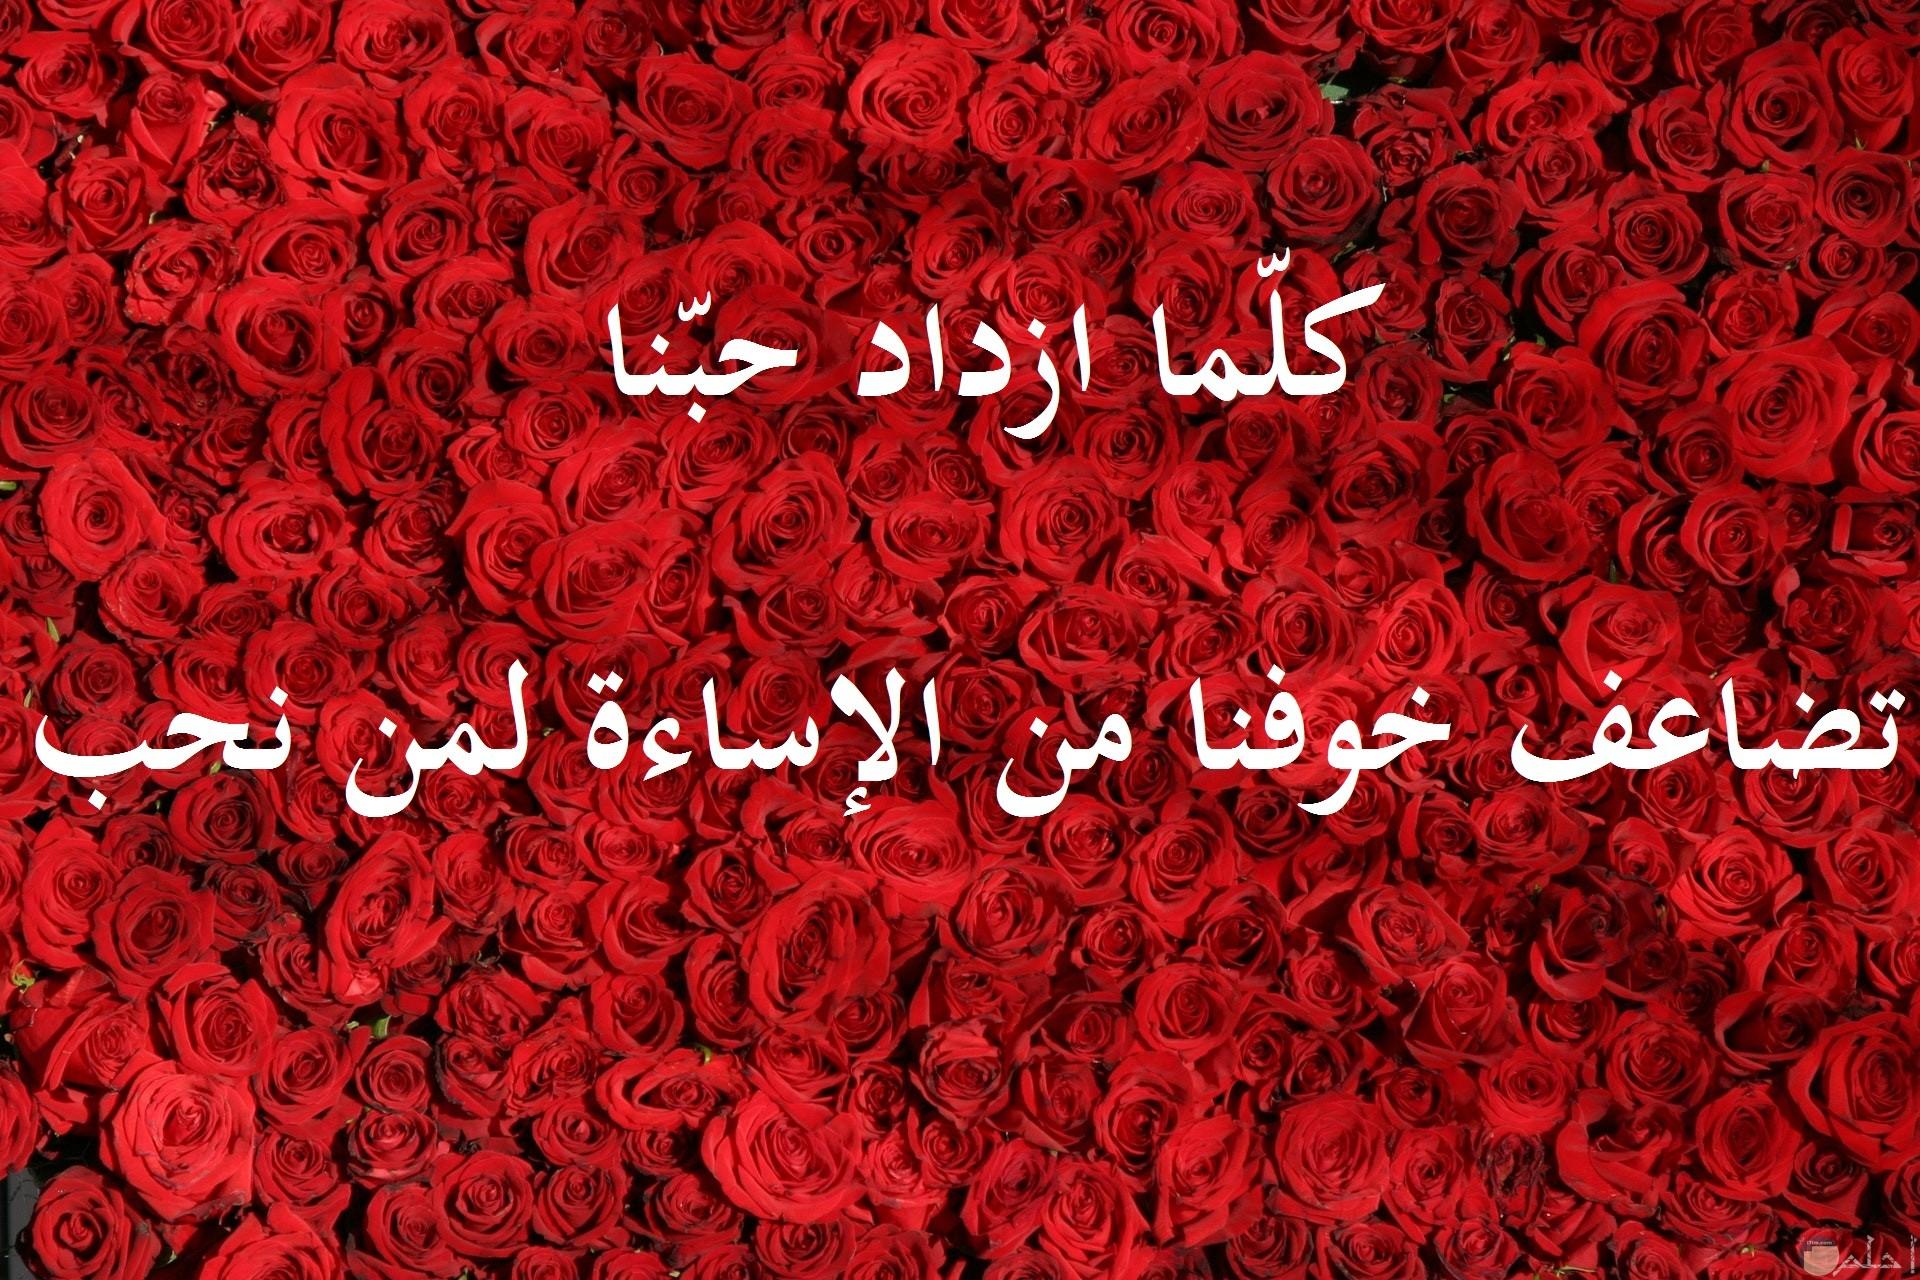 خلفية ورد احمر رائع مدونه بها كلام حب وعشق